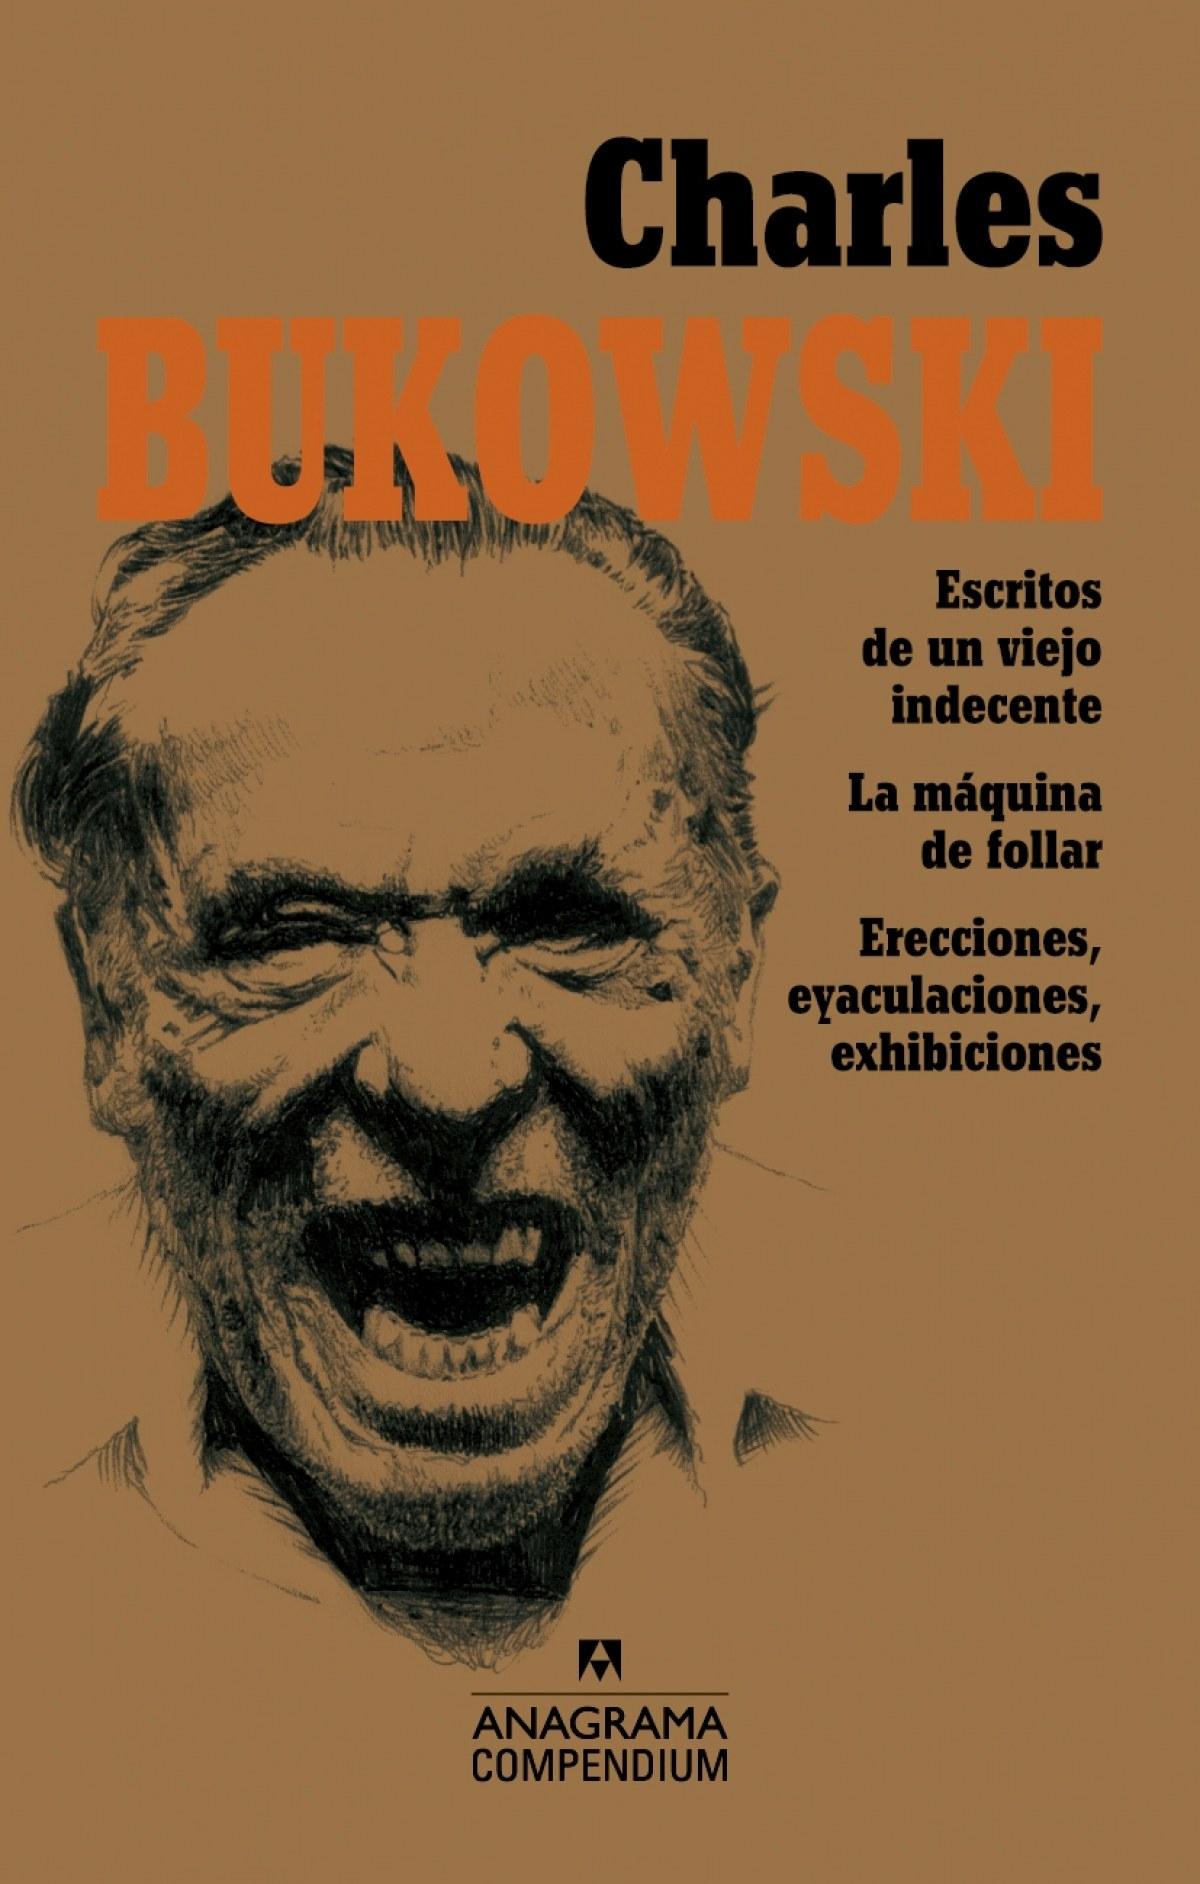 Charles Bukowski 9788433959508